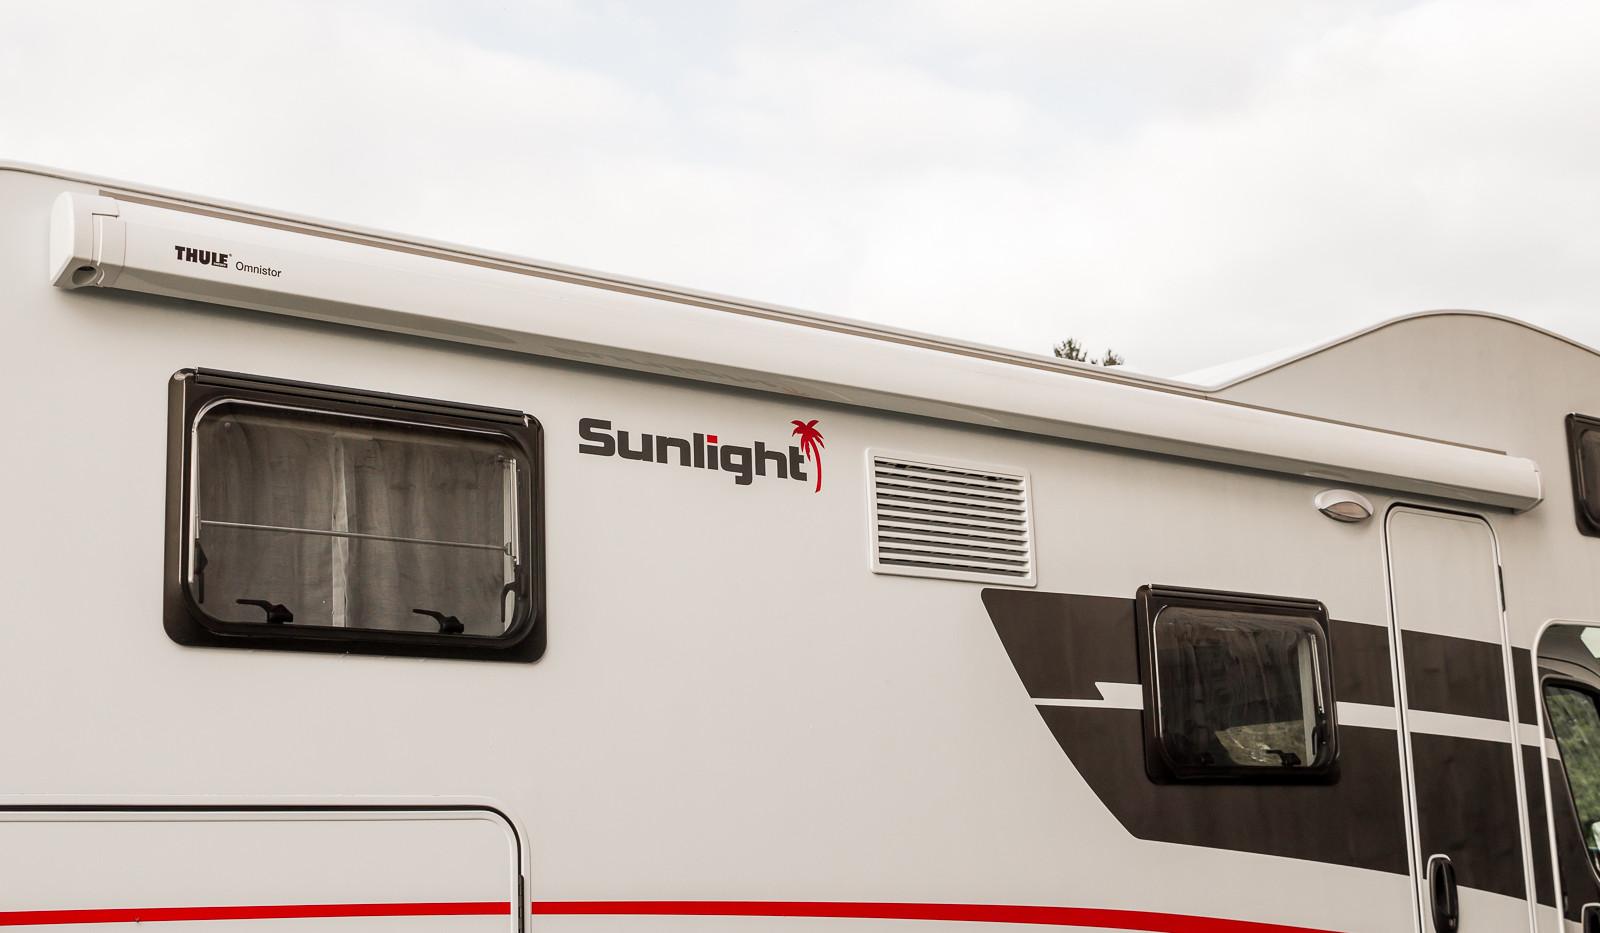 Sunlight A70 Aussenansicht Markise wohnm